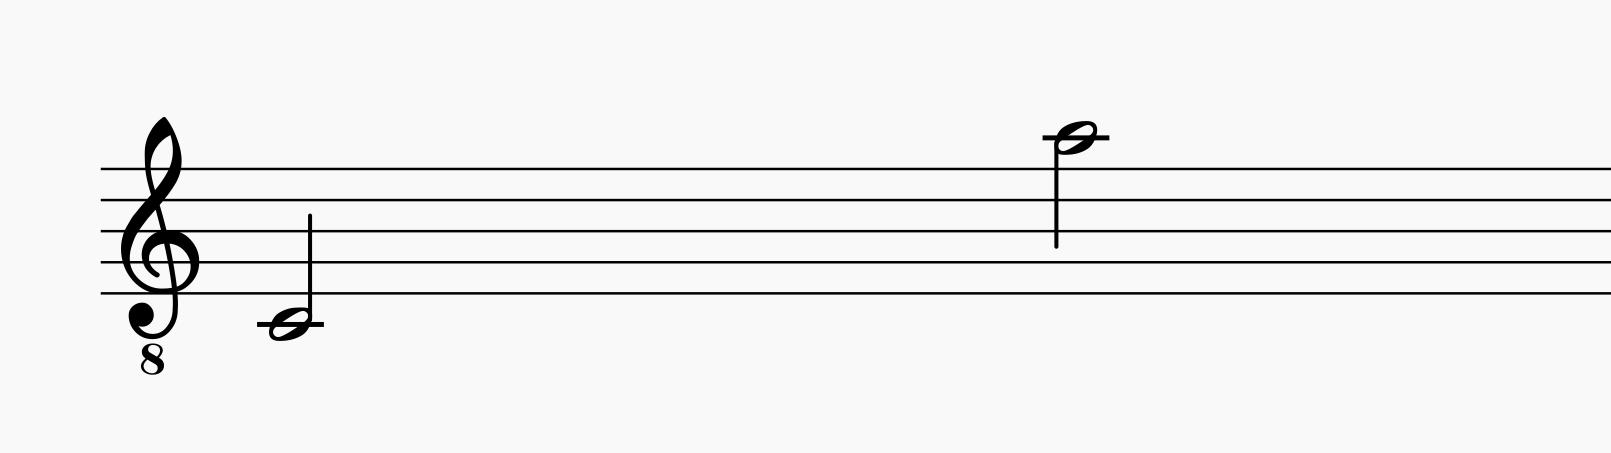 Tenor voice range